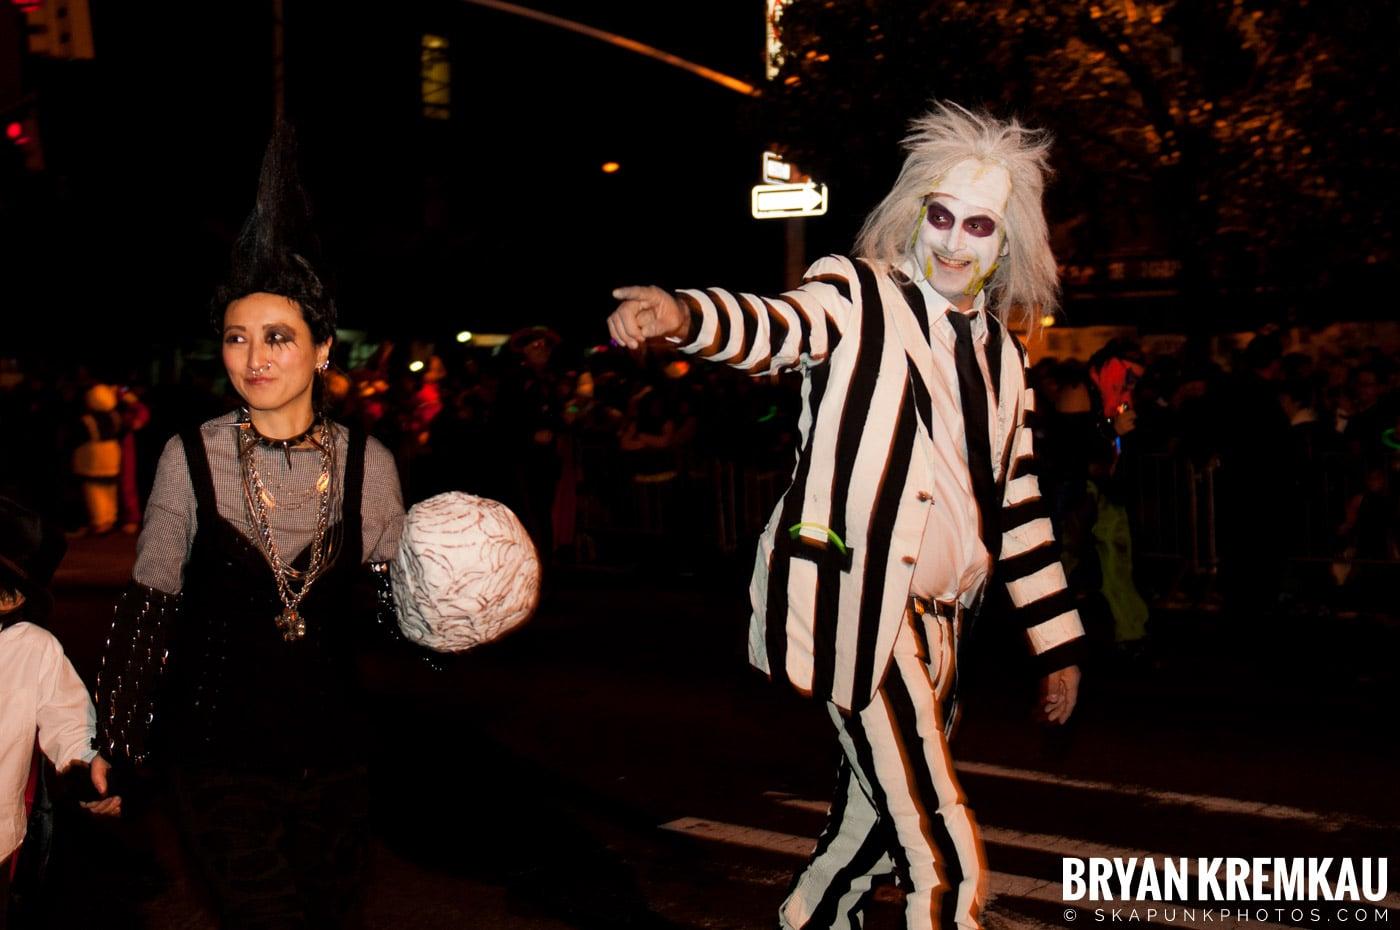 NYC Halloween Parade 2011 @ New York, NY - 10.31.11 (19)